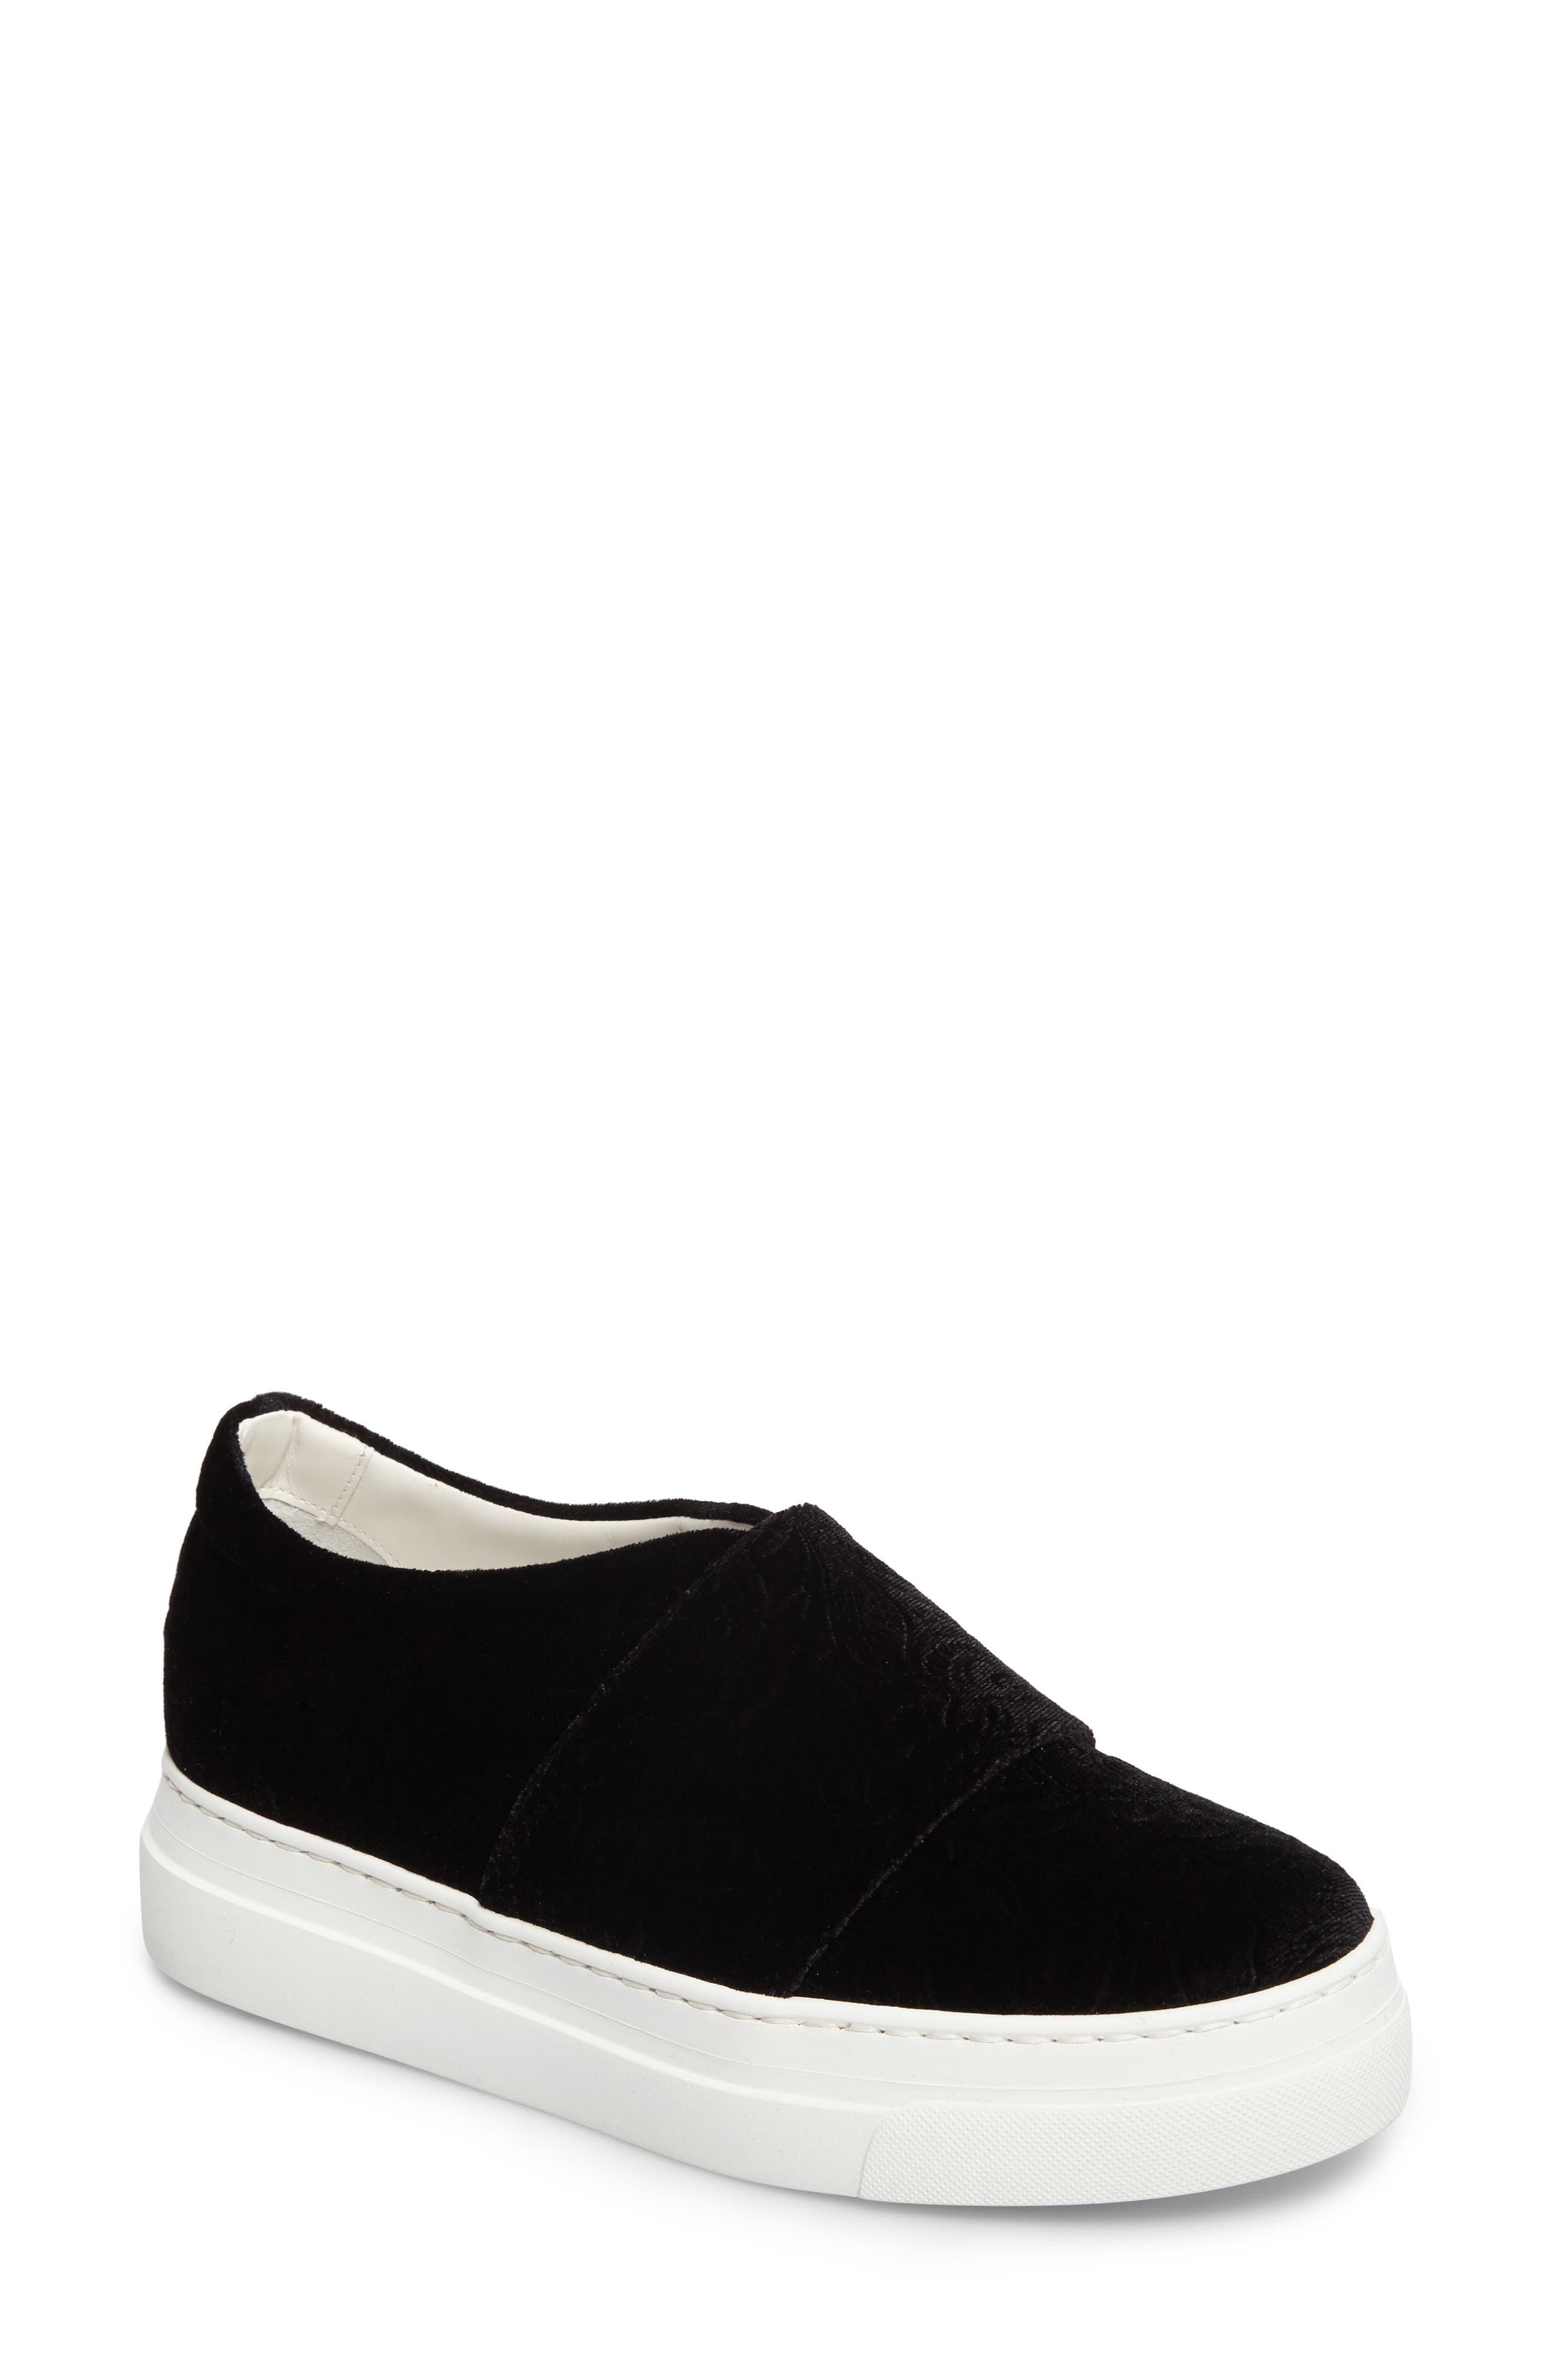 Arlo Slip-On Platform Sneaker,                             Main thumbnail 1, color,                             Black Embossed Velvet